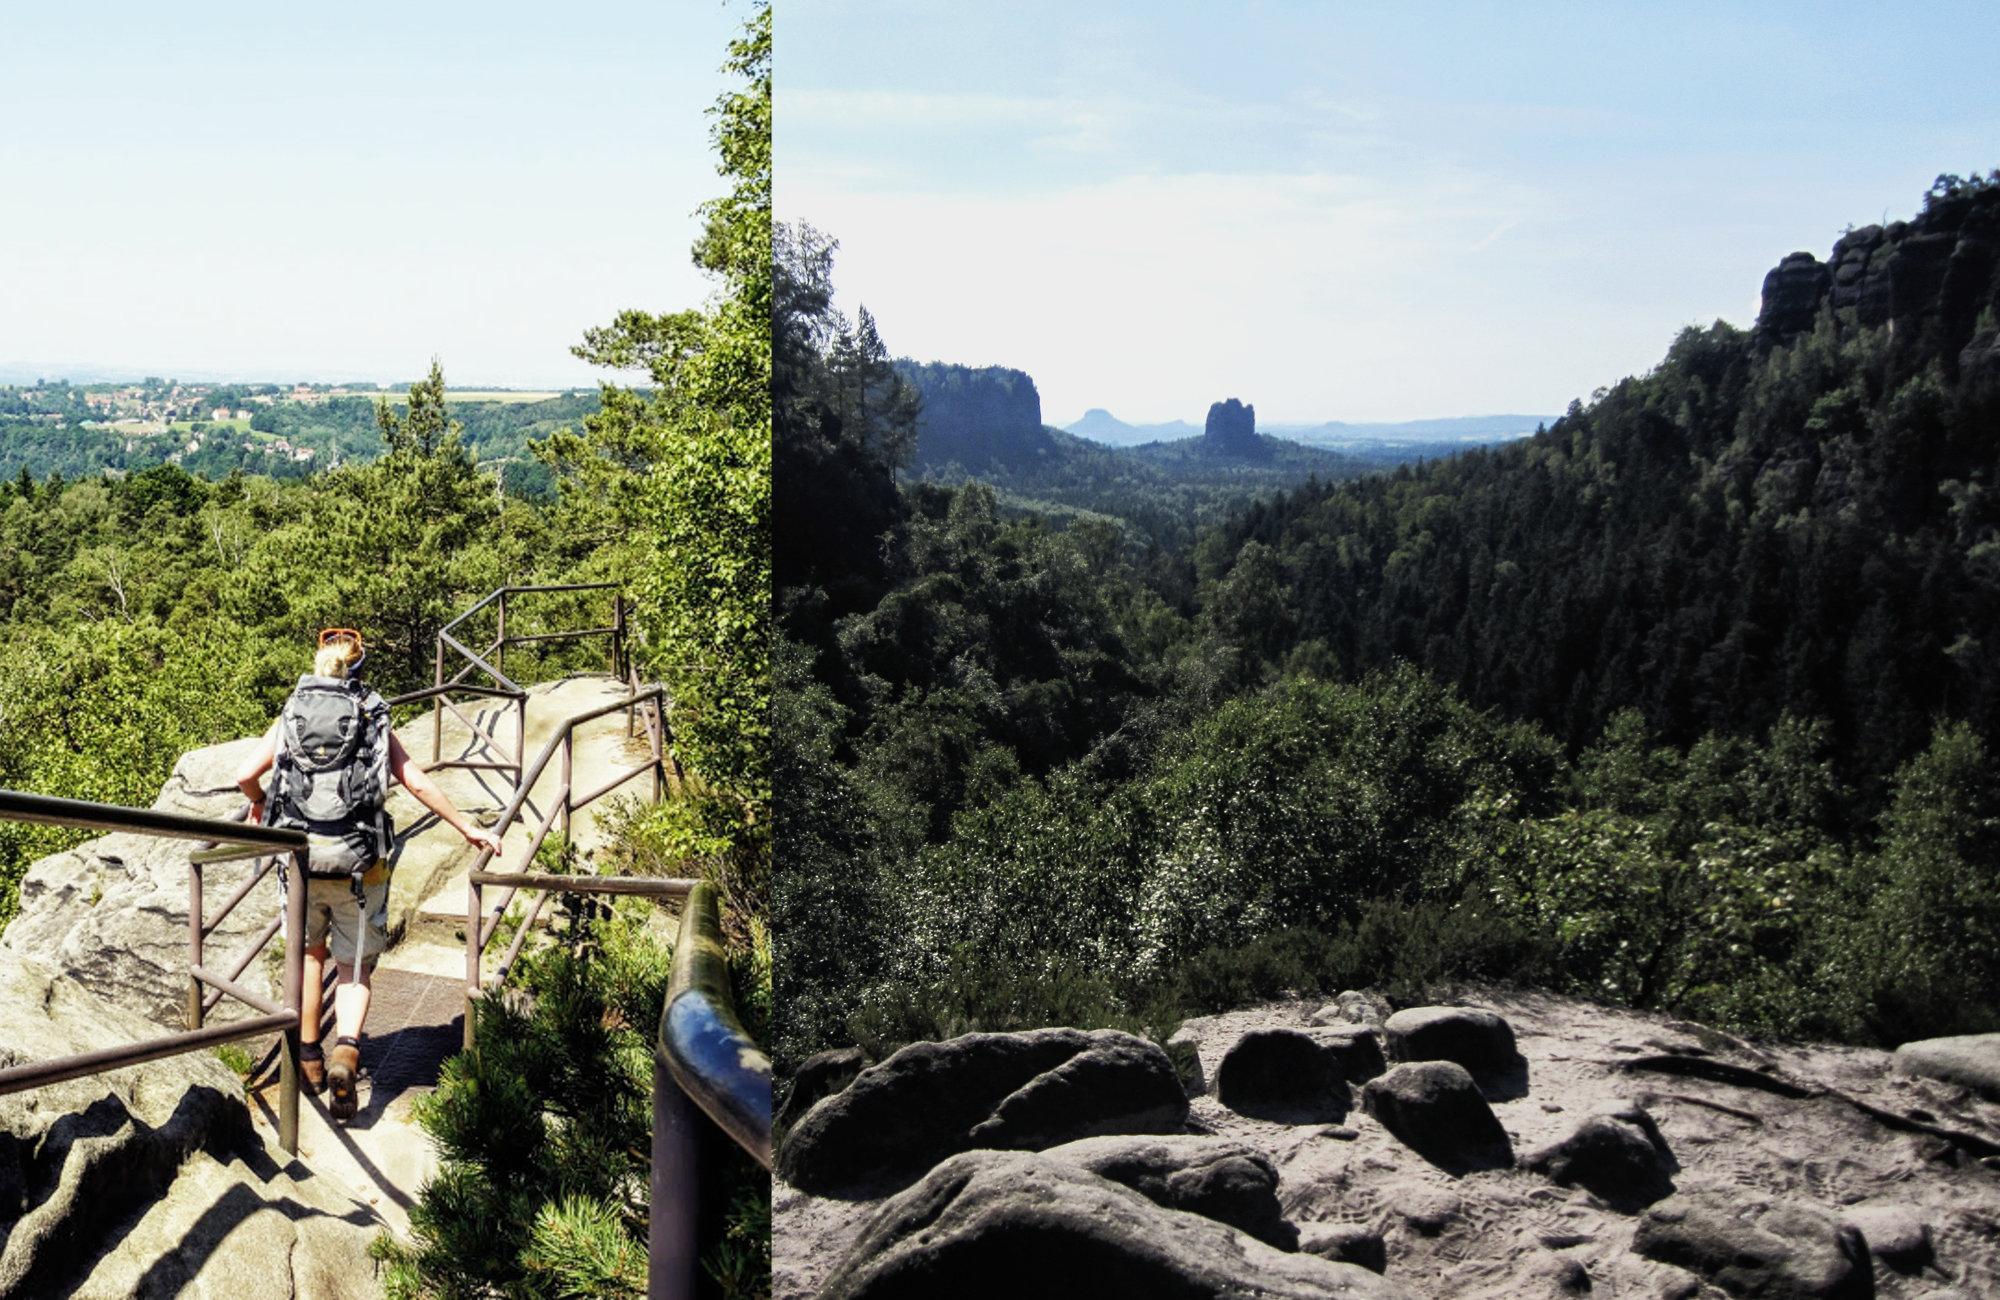 Malerweg Sächsische Schweiz, Wandern im Frühling, Wanderideen Frühling, Wanderungen Frühling, Weitwanderweg Frühling